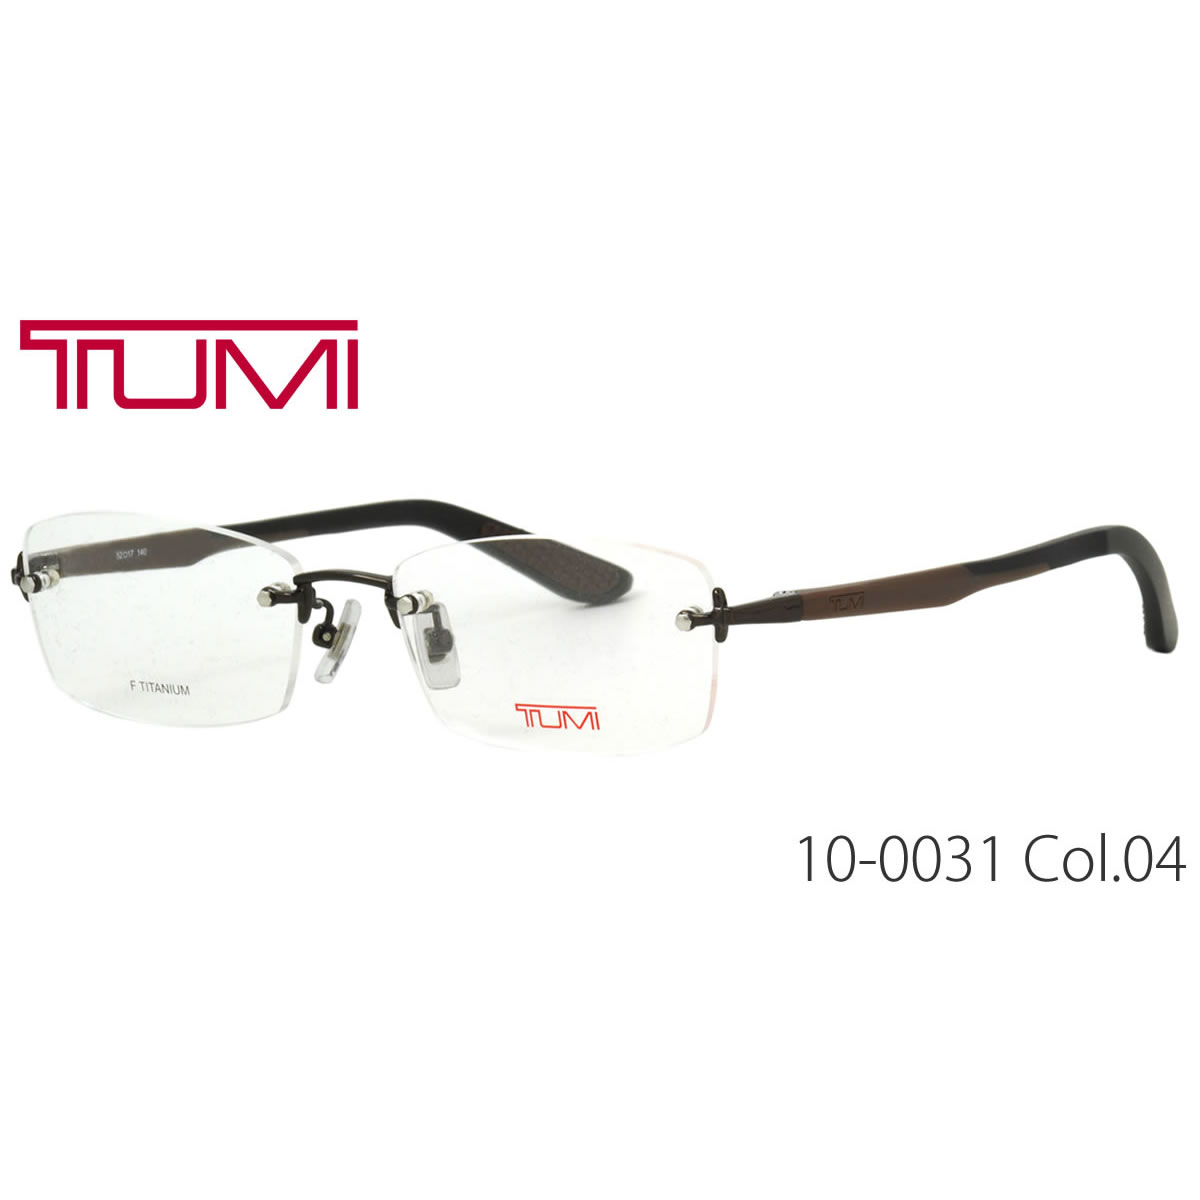 トゥミ メガネ 10-0031 04 52サイズ TUMI ビジネスバッグで人気のブランド メンズ